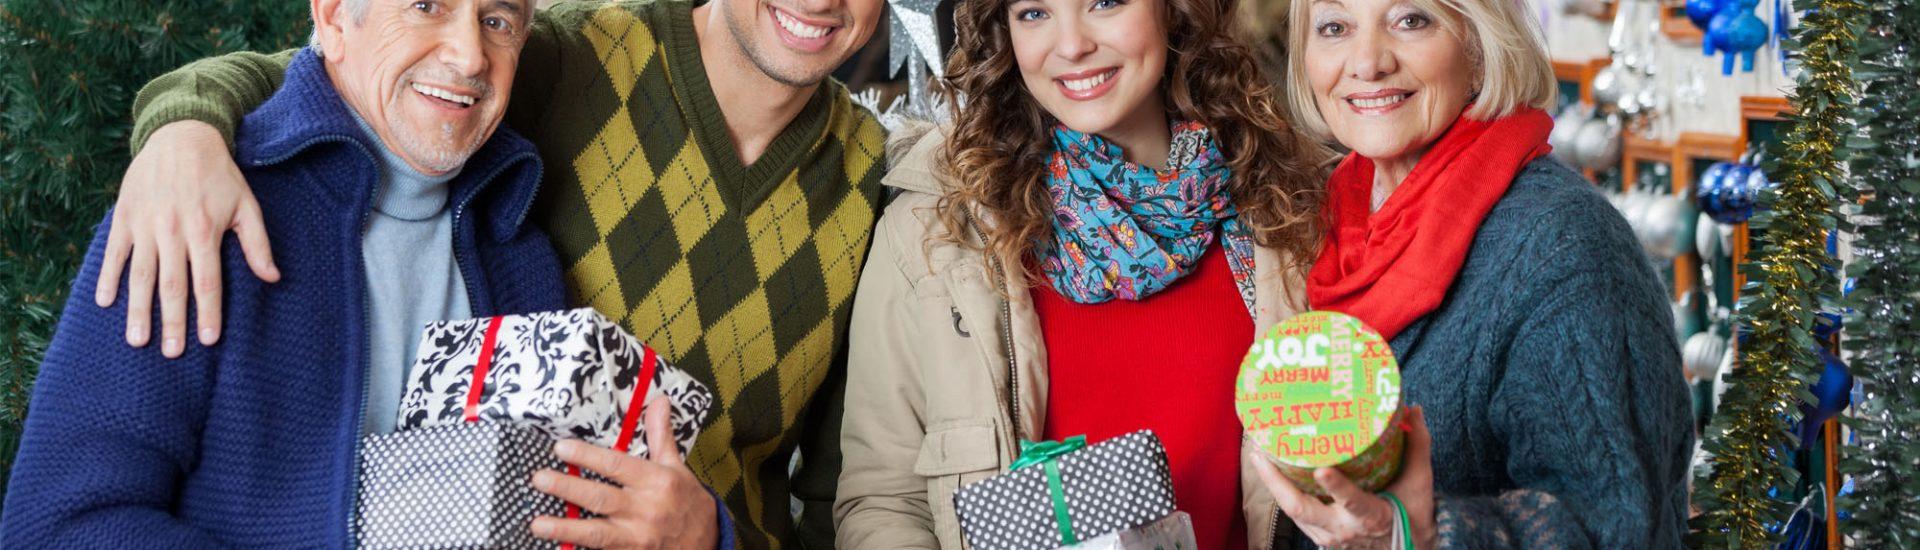 Weihnachtsgeschenke für die Eltern - Top 10 Inspirationen